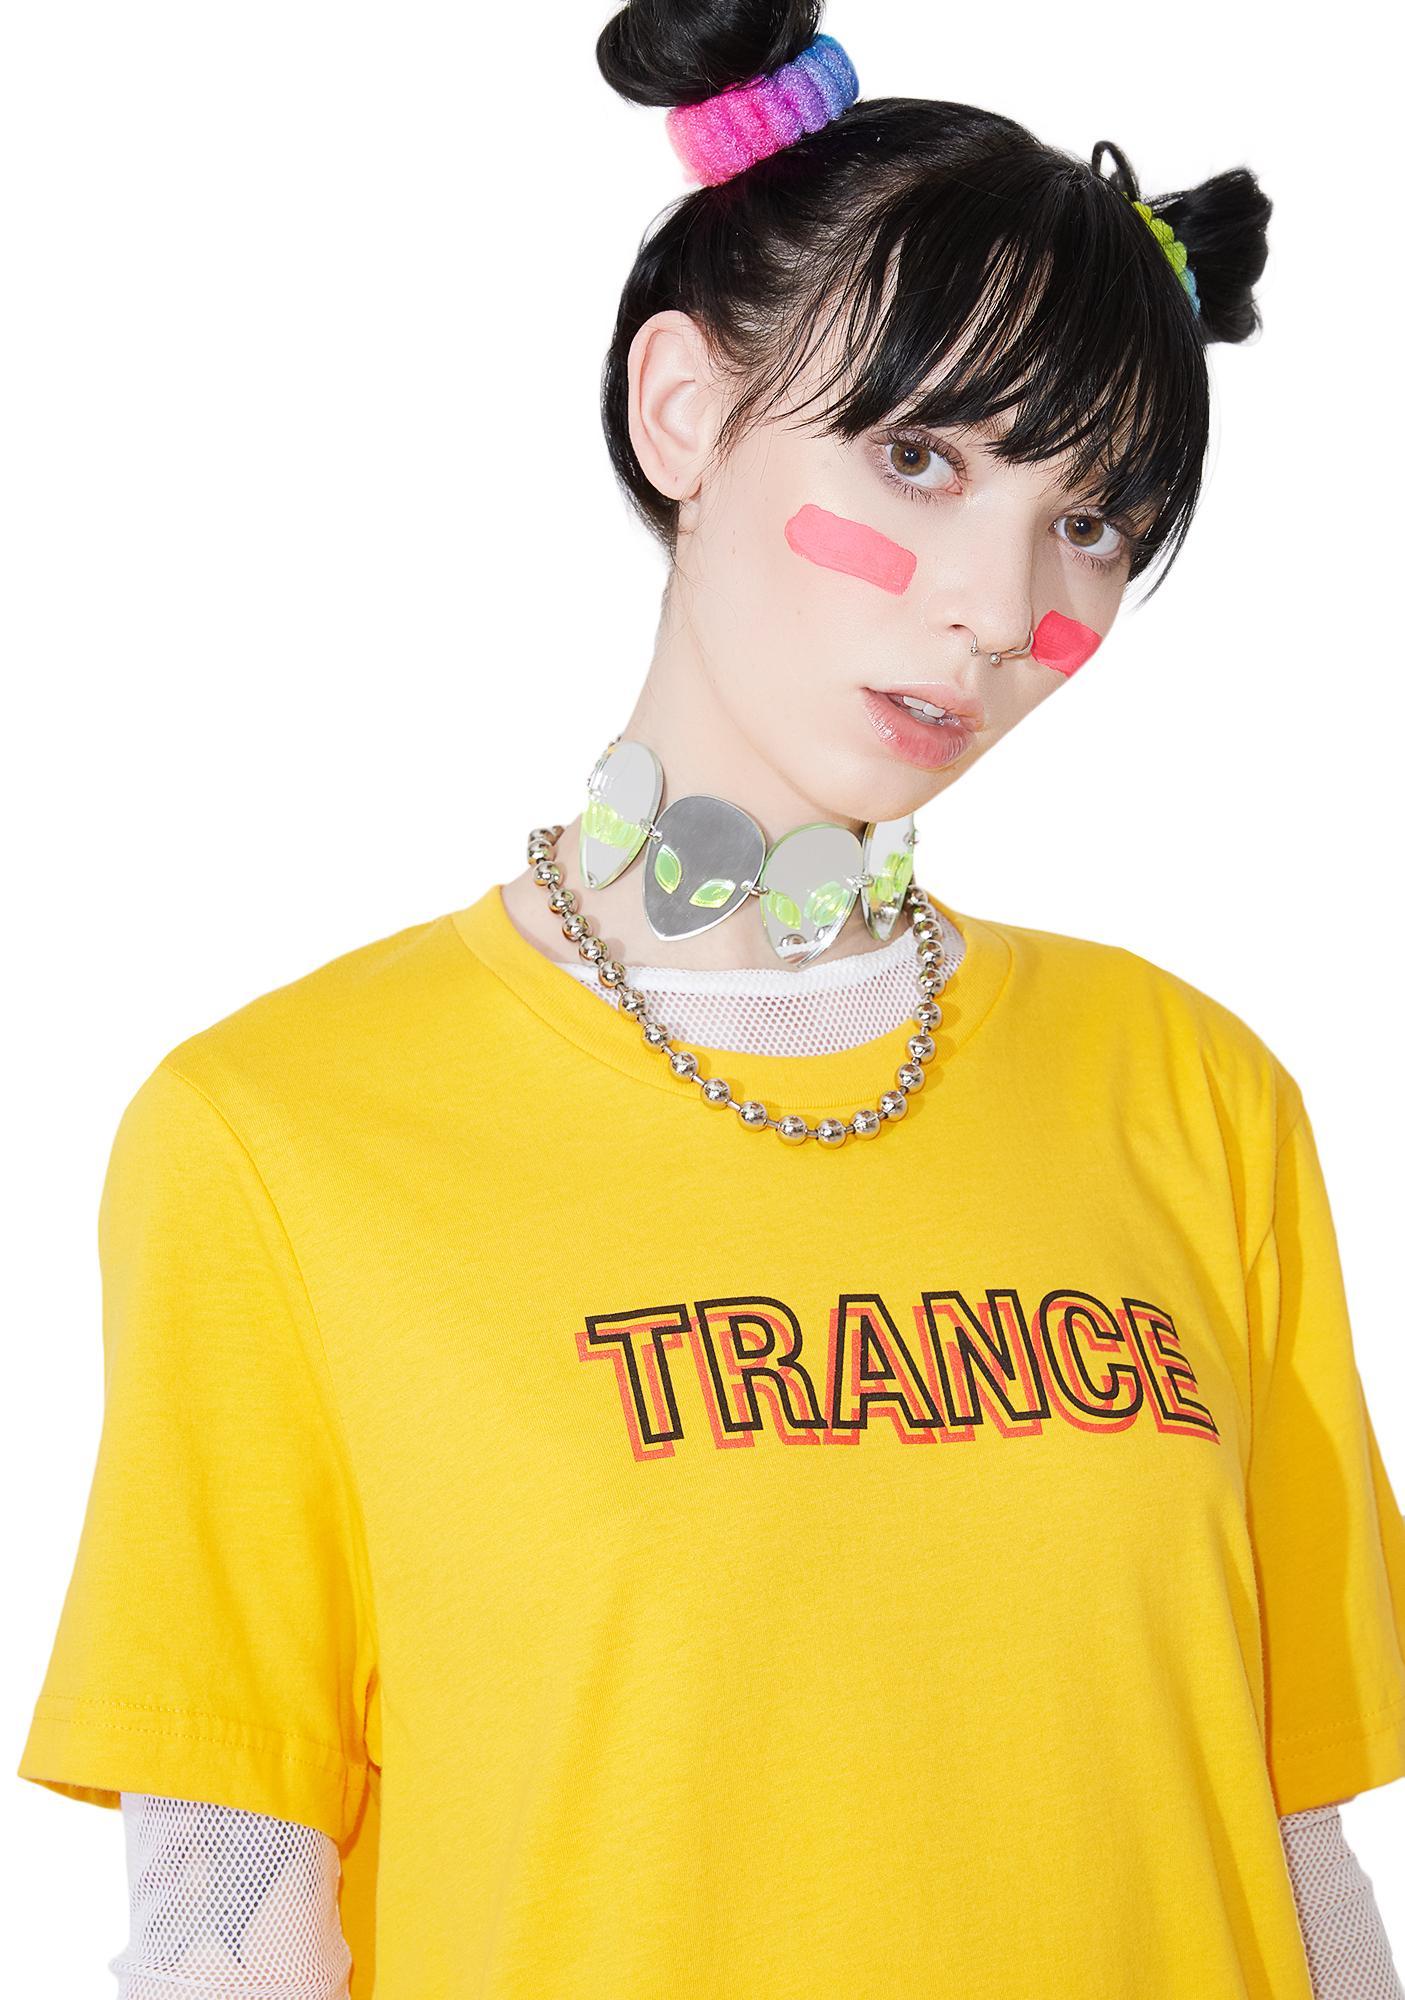 Petals and Peacocks Trance Shirt